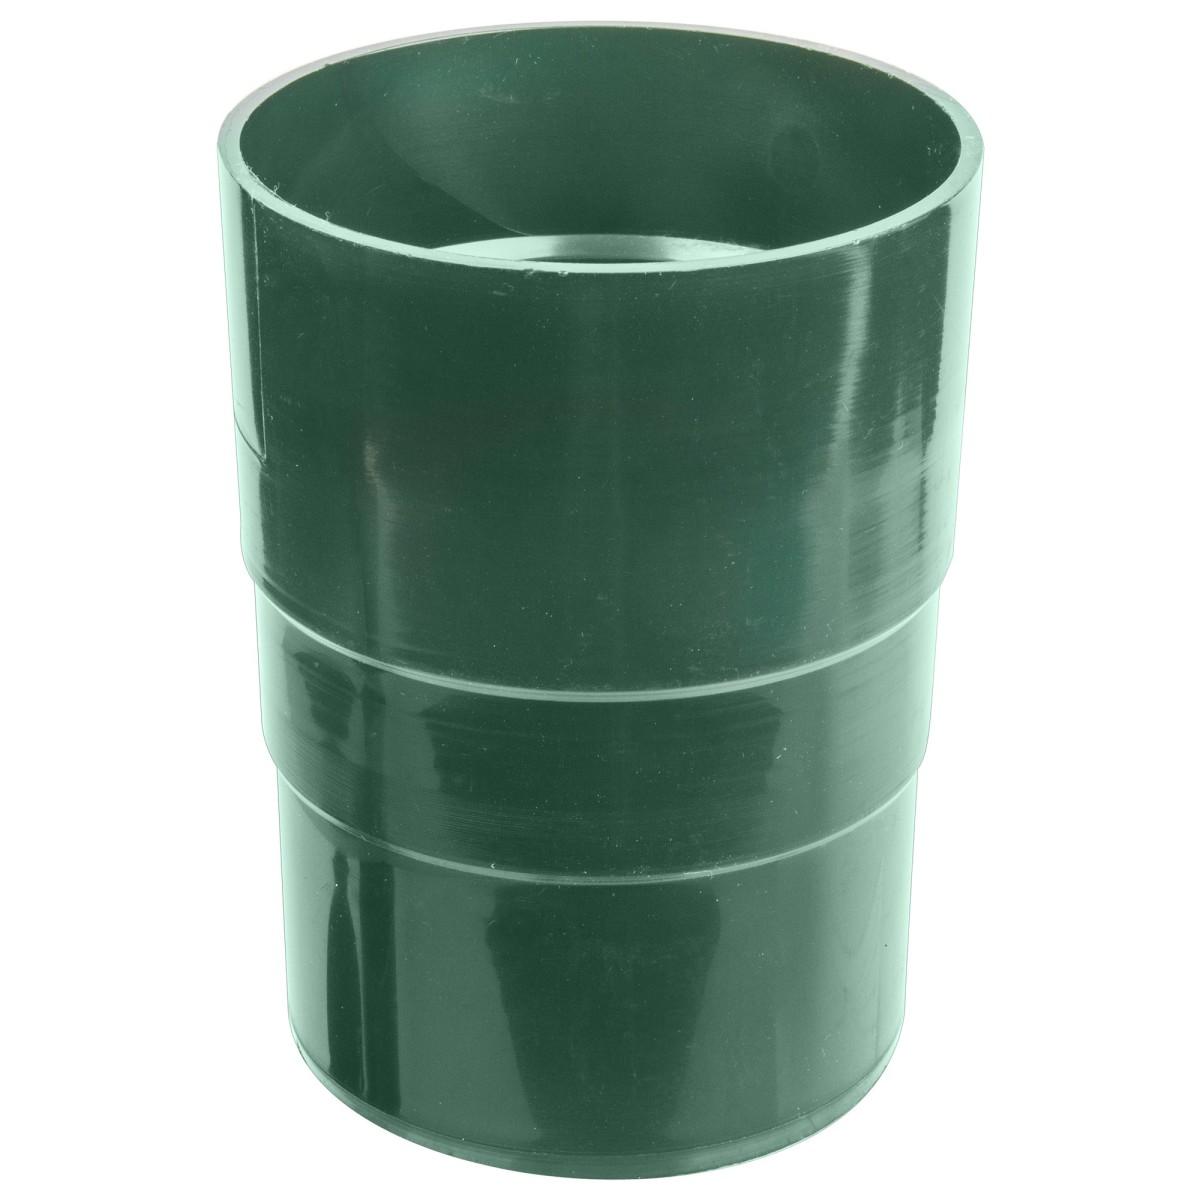 Муфта для водосточной трубы 82 мм цвет зеленый